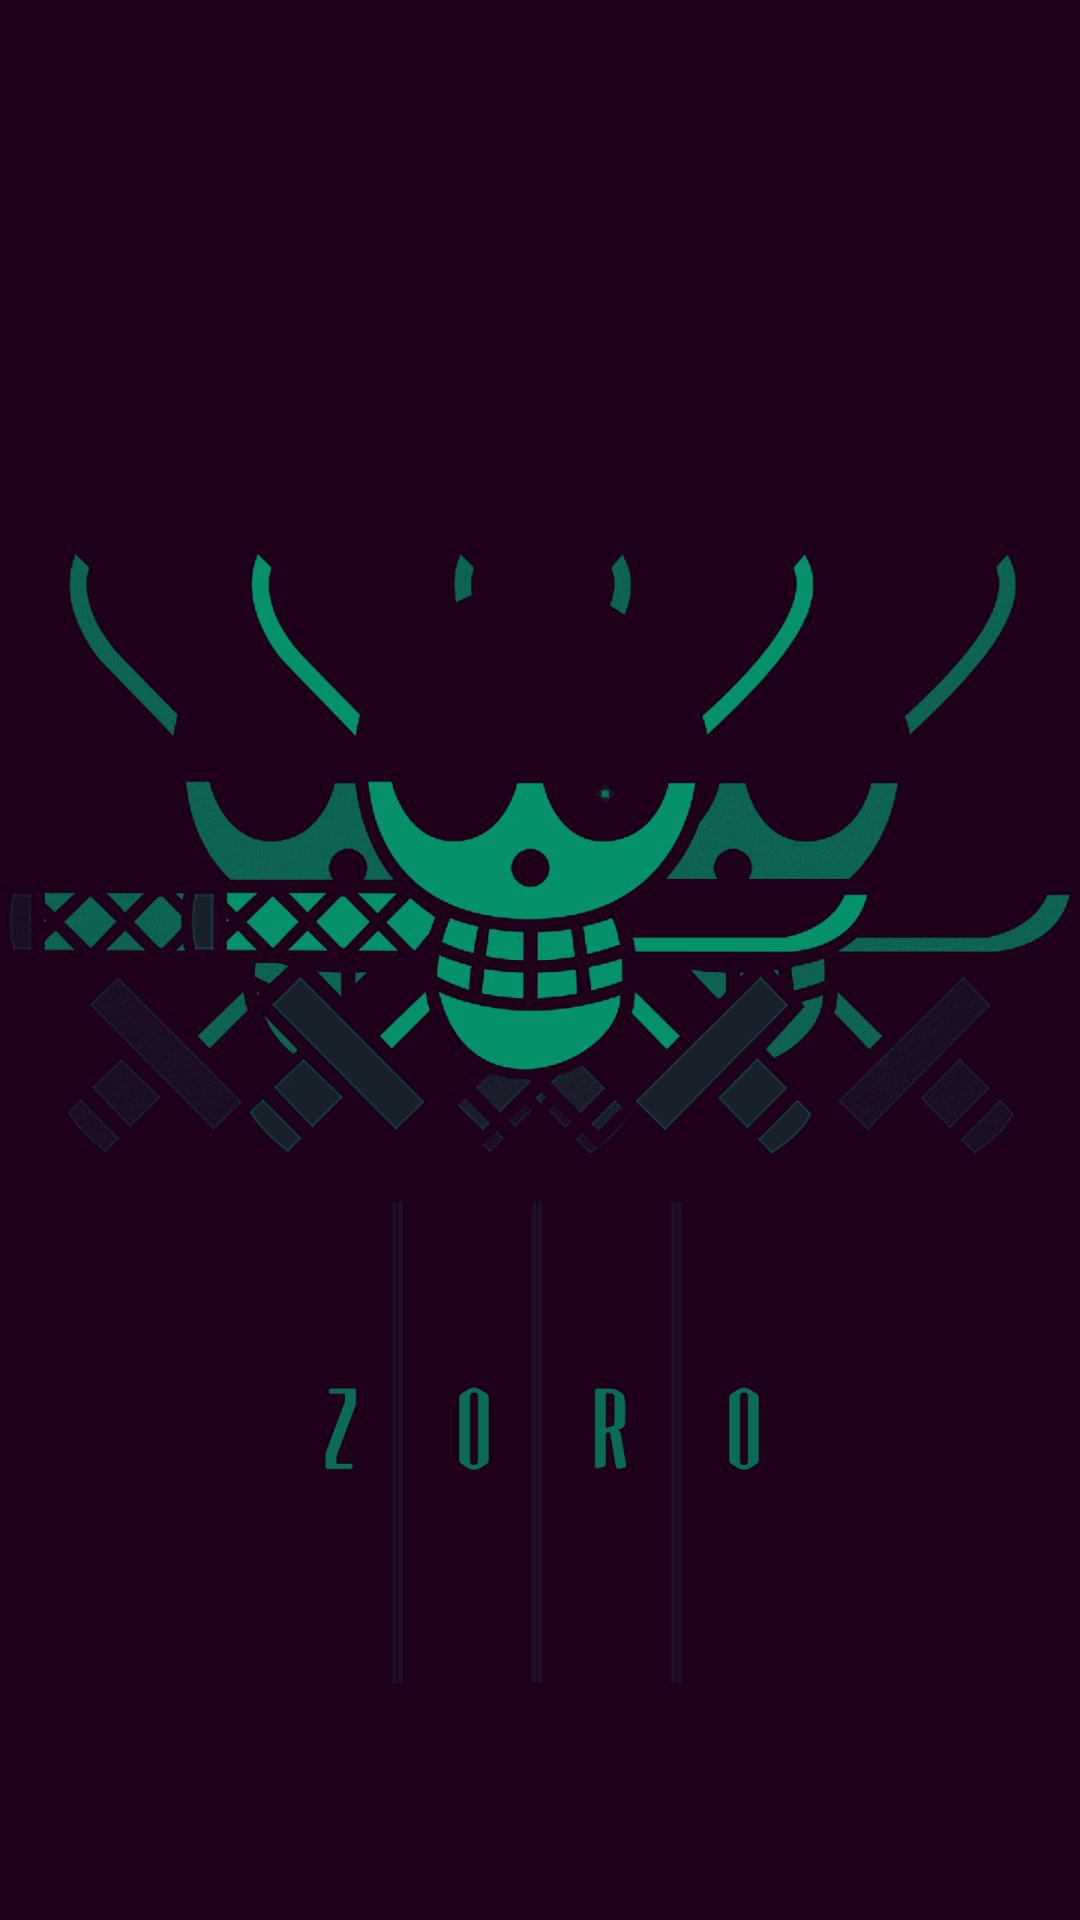 Download 700+ Wallpaper Tumblr Zoro HD Terbaru